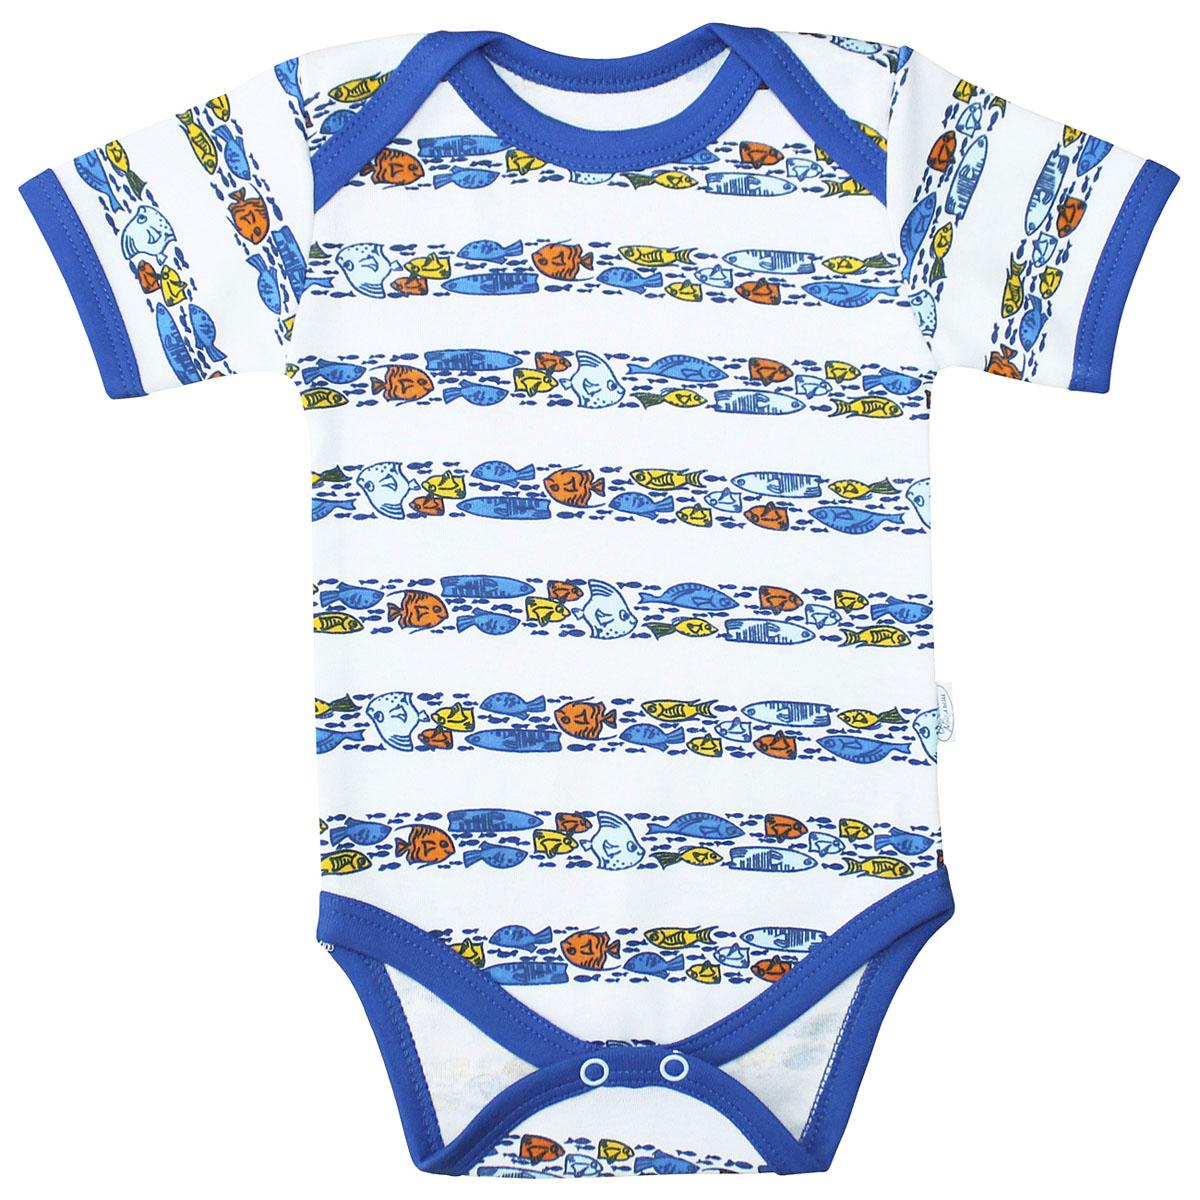 Боди для мальчика Веселый малыш Морская жизнь, цвет: синий. 41322/мж-C (1). Размер 68